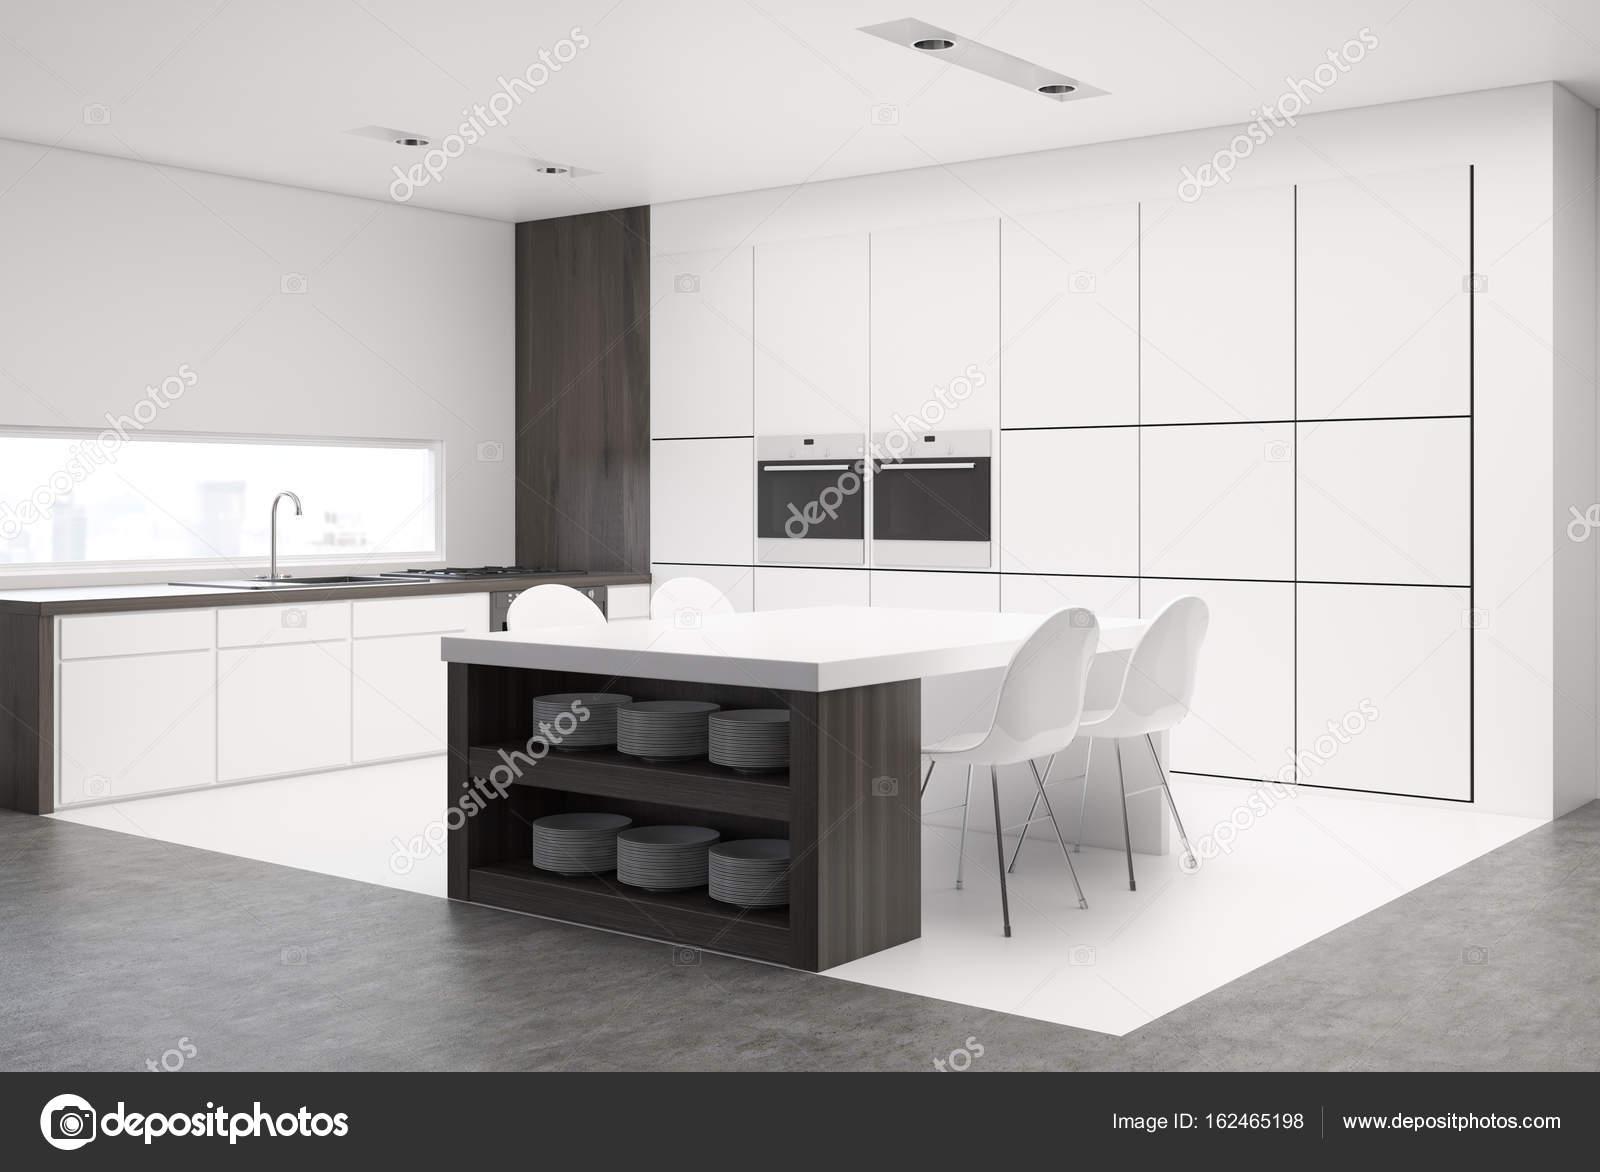 Kuche Mit Tisch Und Arbeitsplatten Schattenseiten Stockfoto